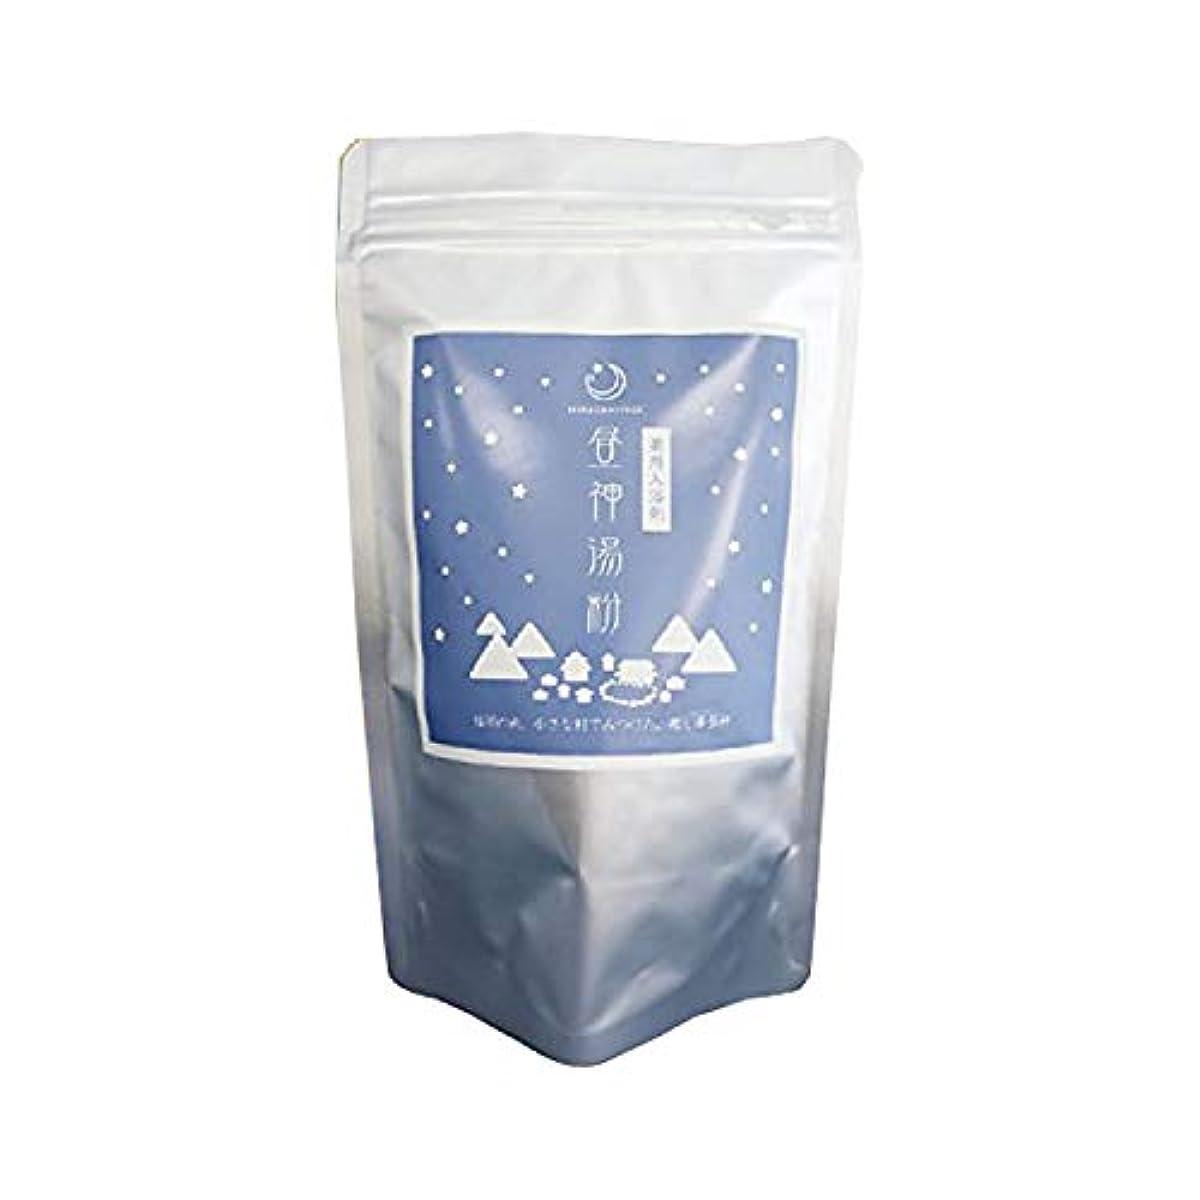 ゴムぼかし伝統【詰め替え用】昼神の湯 薬用入浴剤